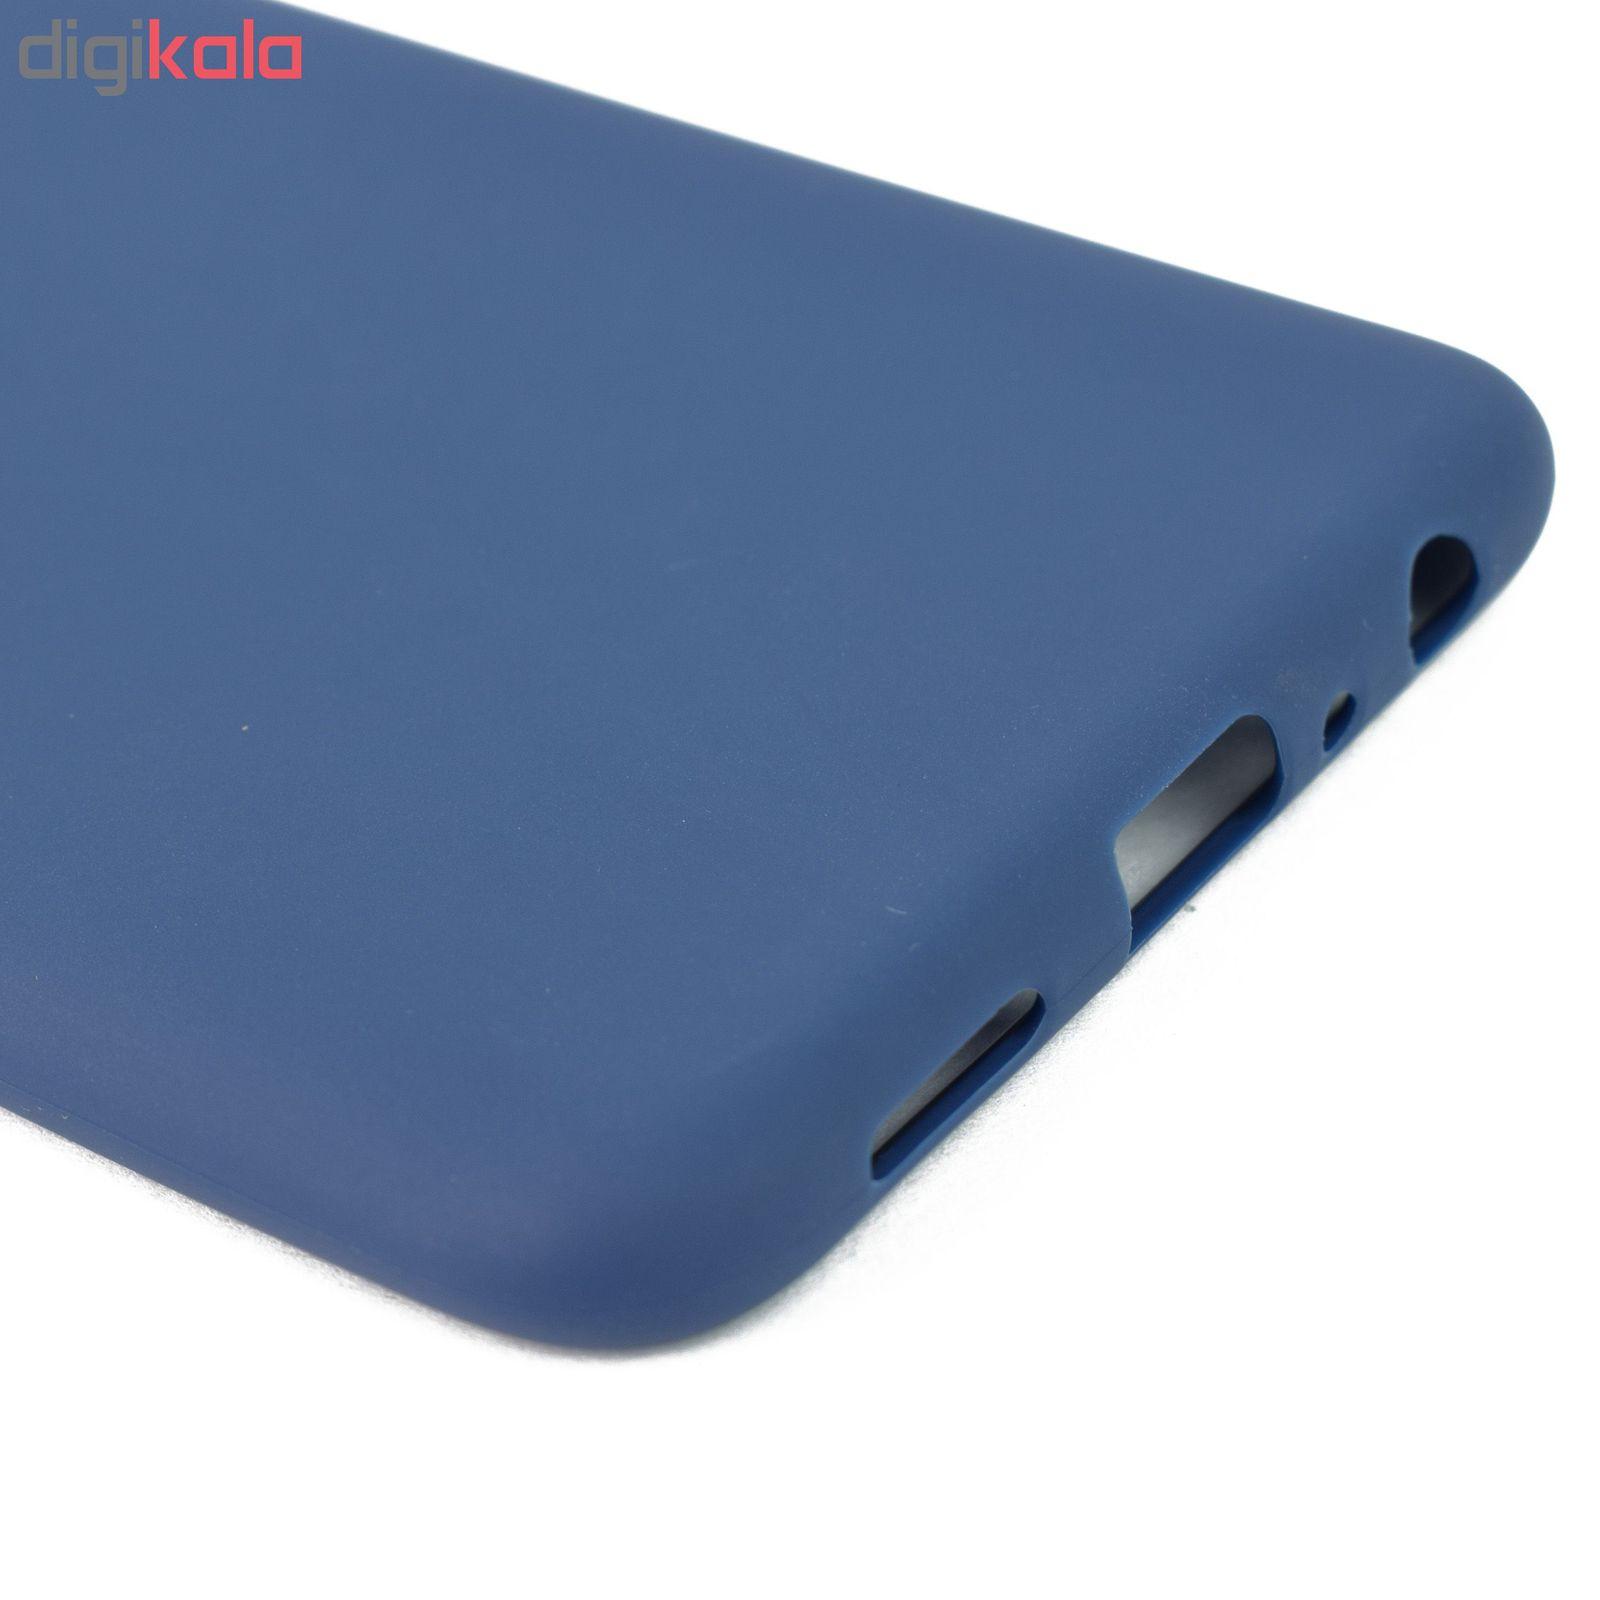 کاور مدل SC20 مناسب برای گوشی موبایل هوآوی Y9 2019 main 1 7